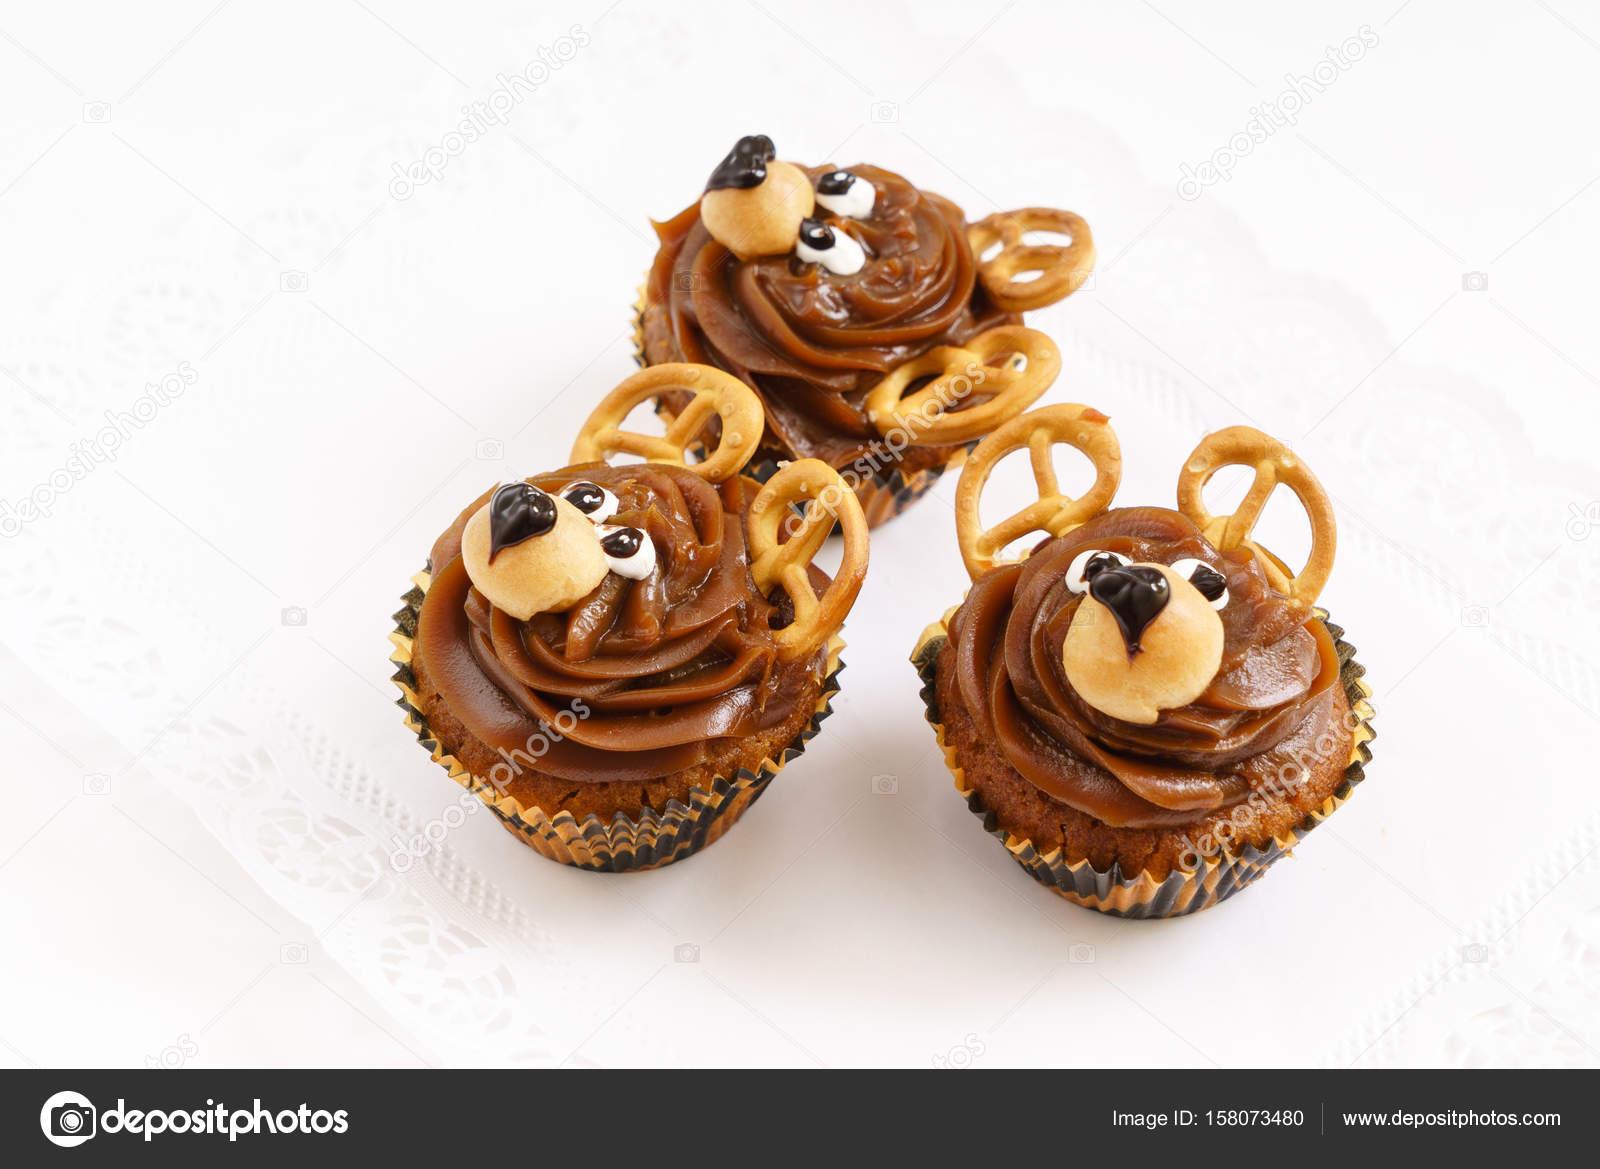 leckere lustige muffins stockfoto shebeko 158073480. Black Bedroom Furniture Sets. Home Design Ideas